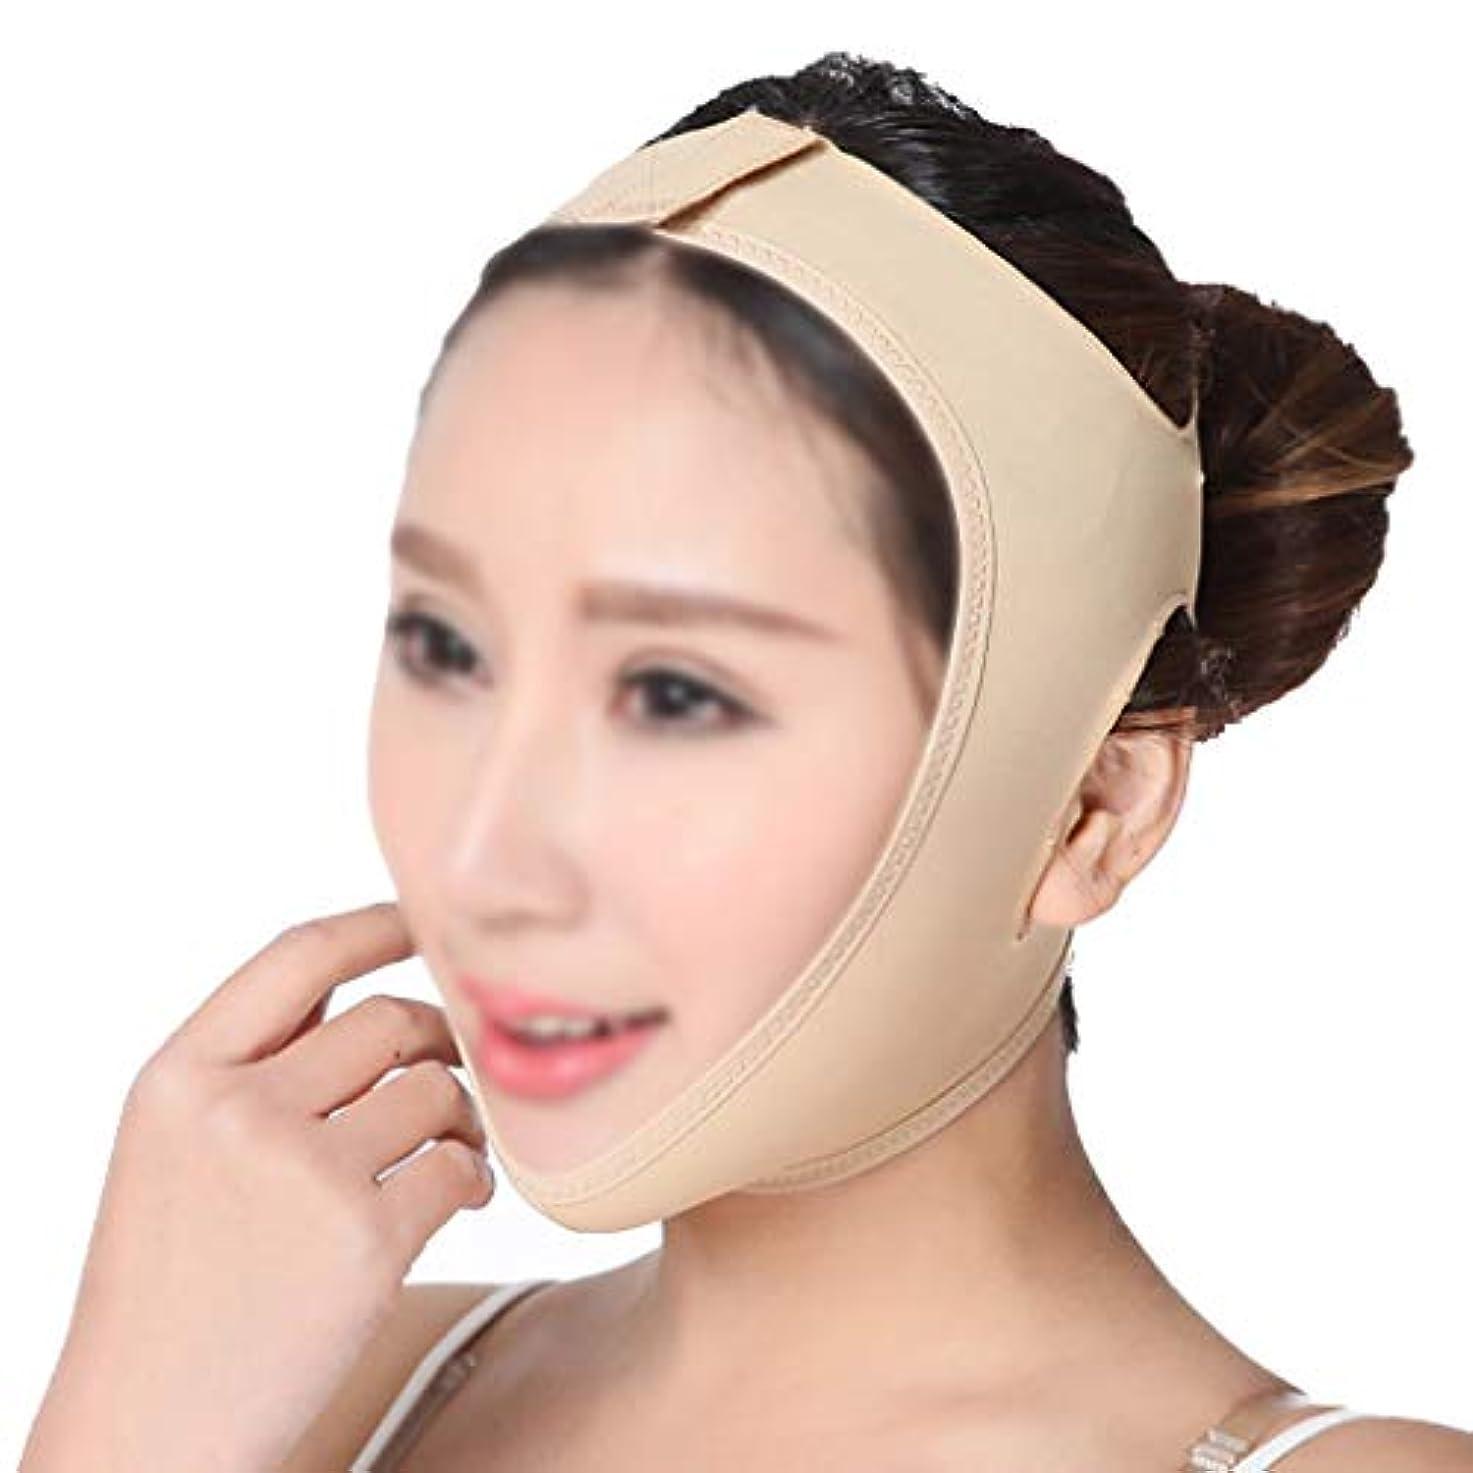 モールス信号下向き独特のXHLMRMJ フェイスリフティングマスク、持ち上がるあごと顔の肌、垂れ下がるのを防ぐ頬、快適で通気性のある生地、詰まることを拒否、身に着けやすい (Size : XL)